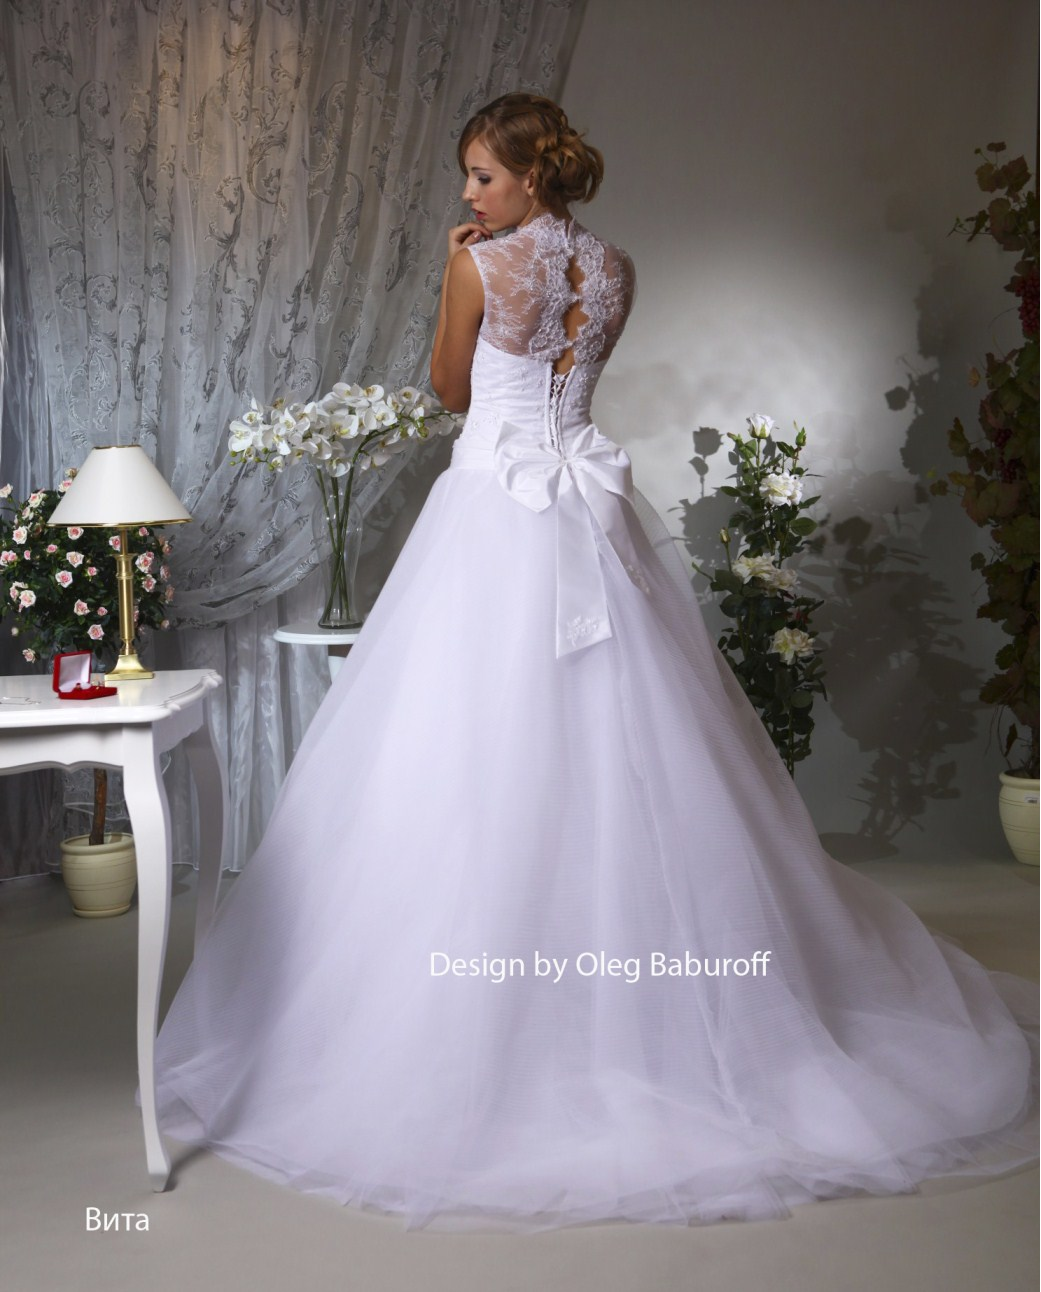 Съёмка для каталога свадебных платьев салона «Злата», 2012 | LK